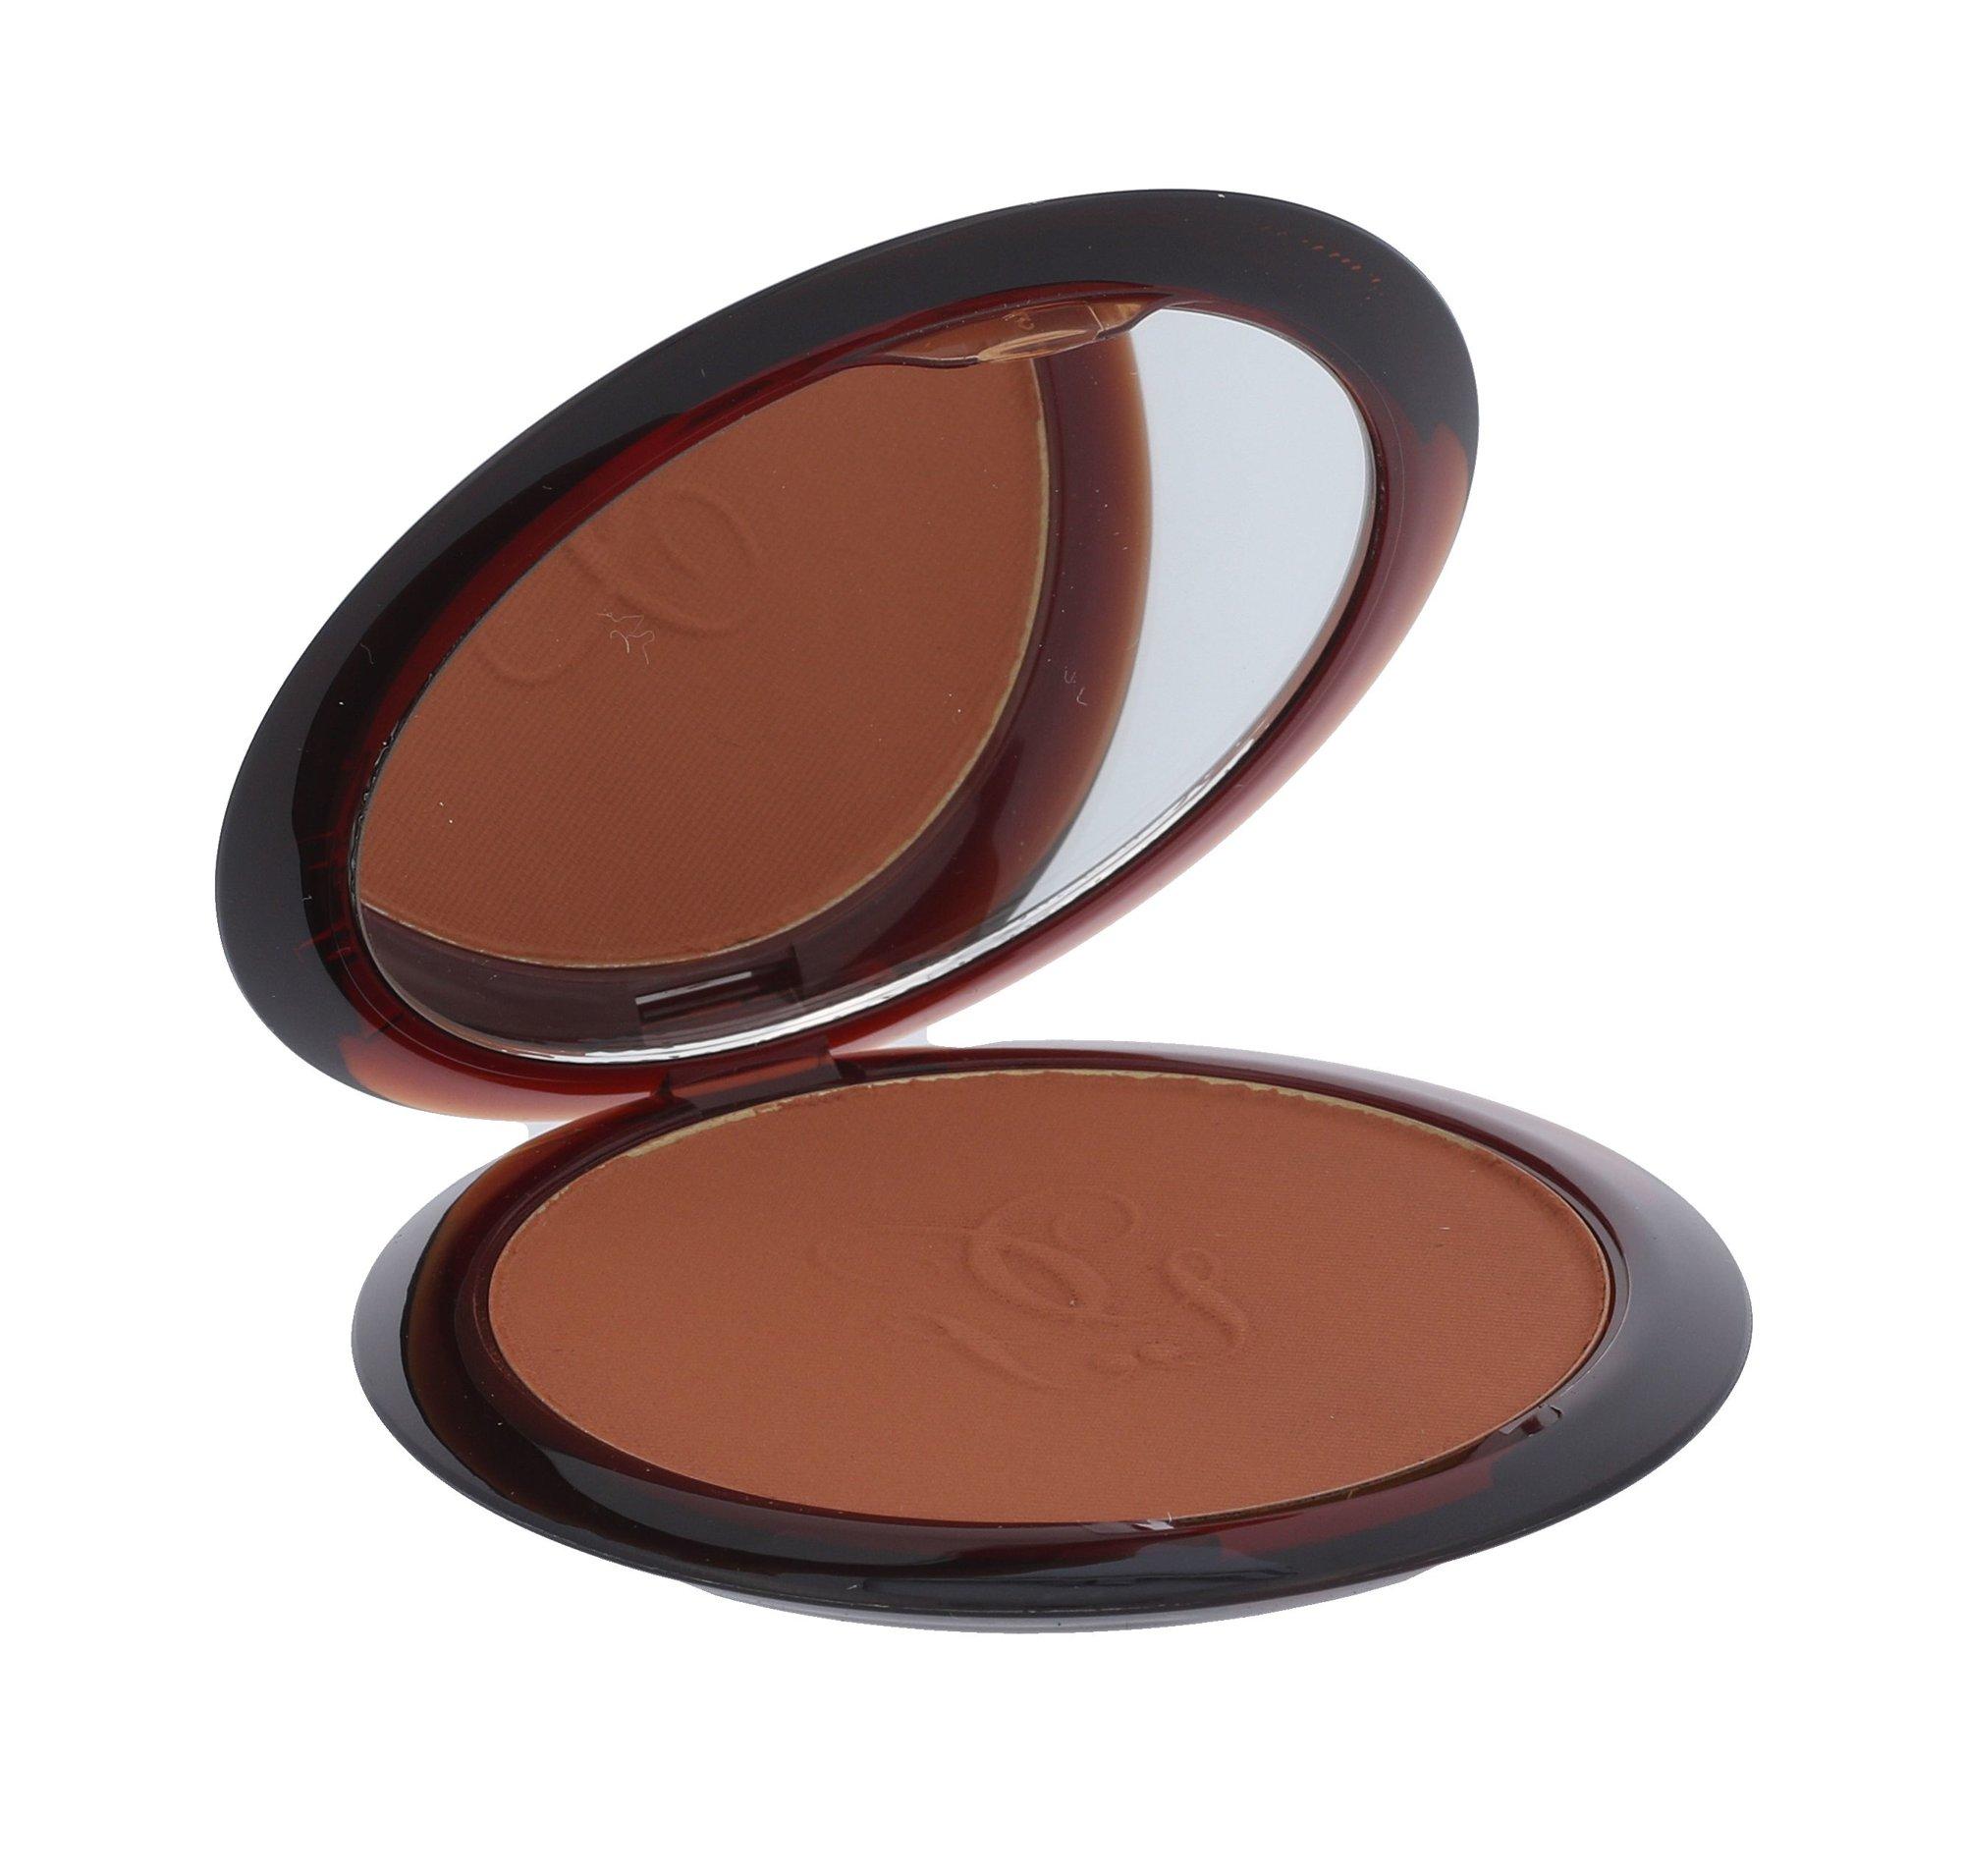 Guerlain Terracotta Cosmetic 10ml 04 Moyen-Blondes